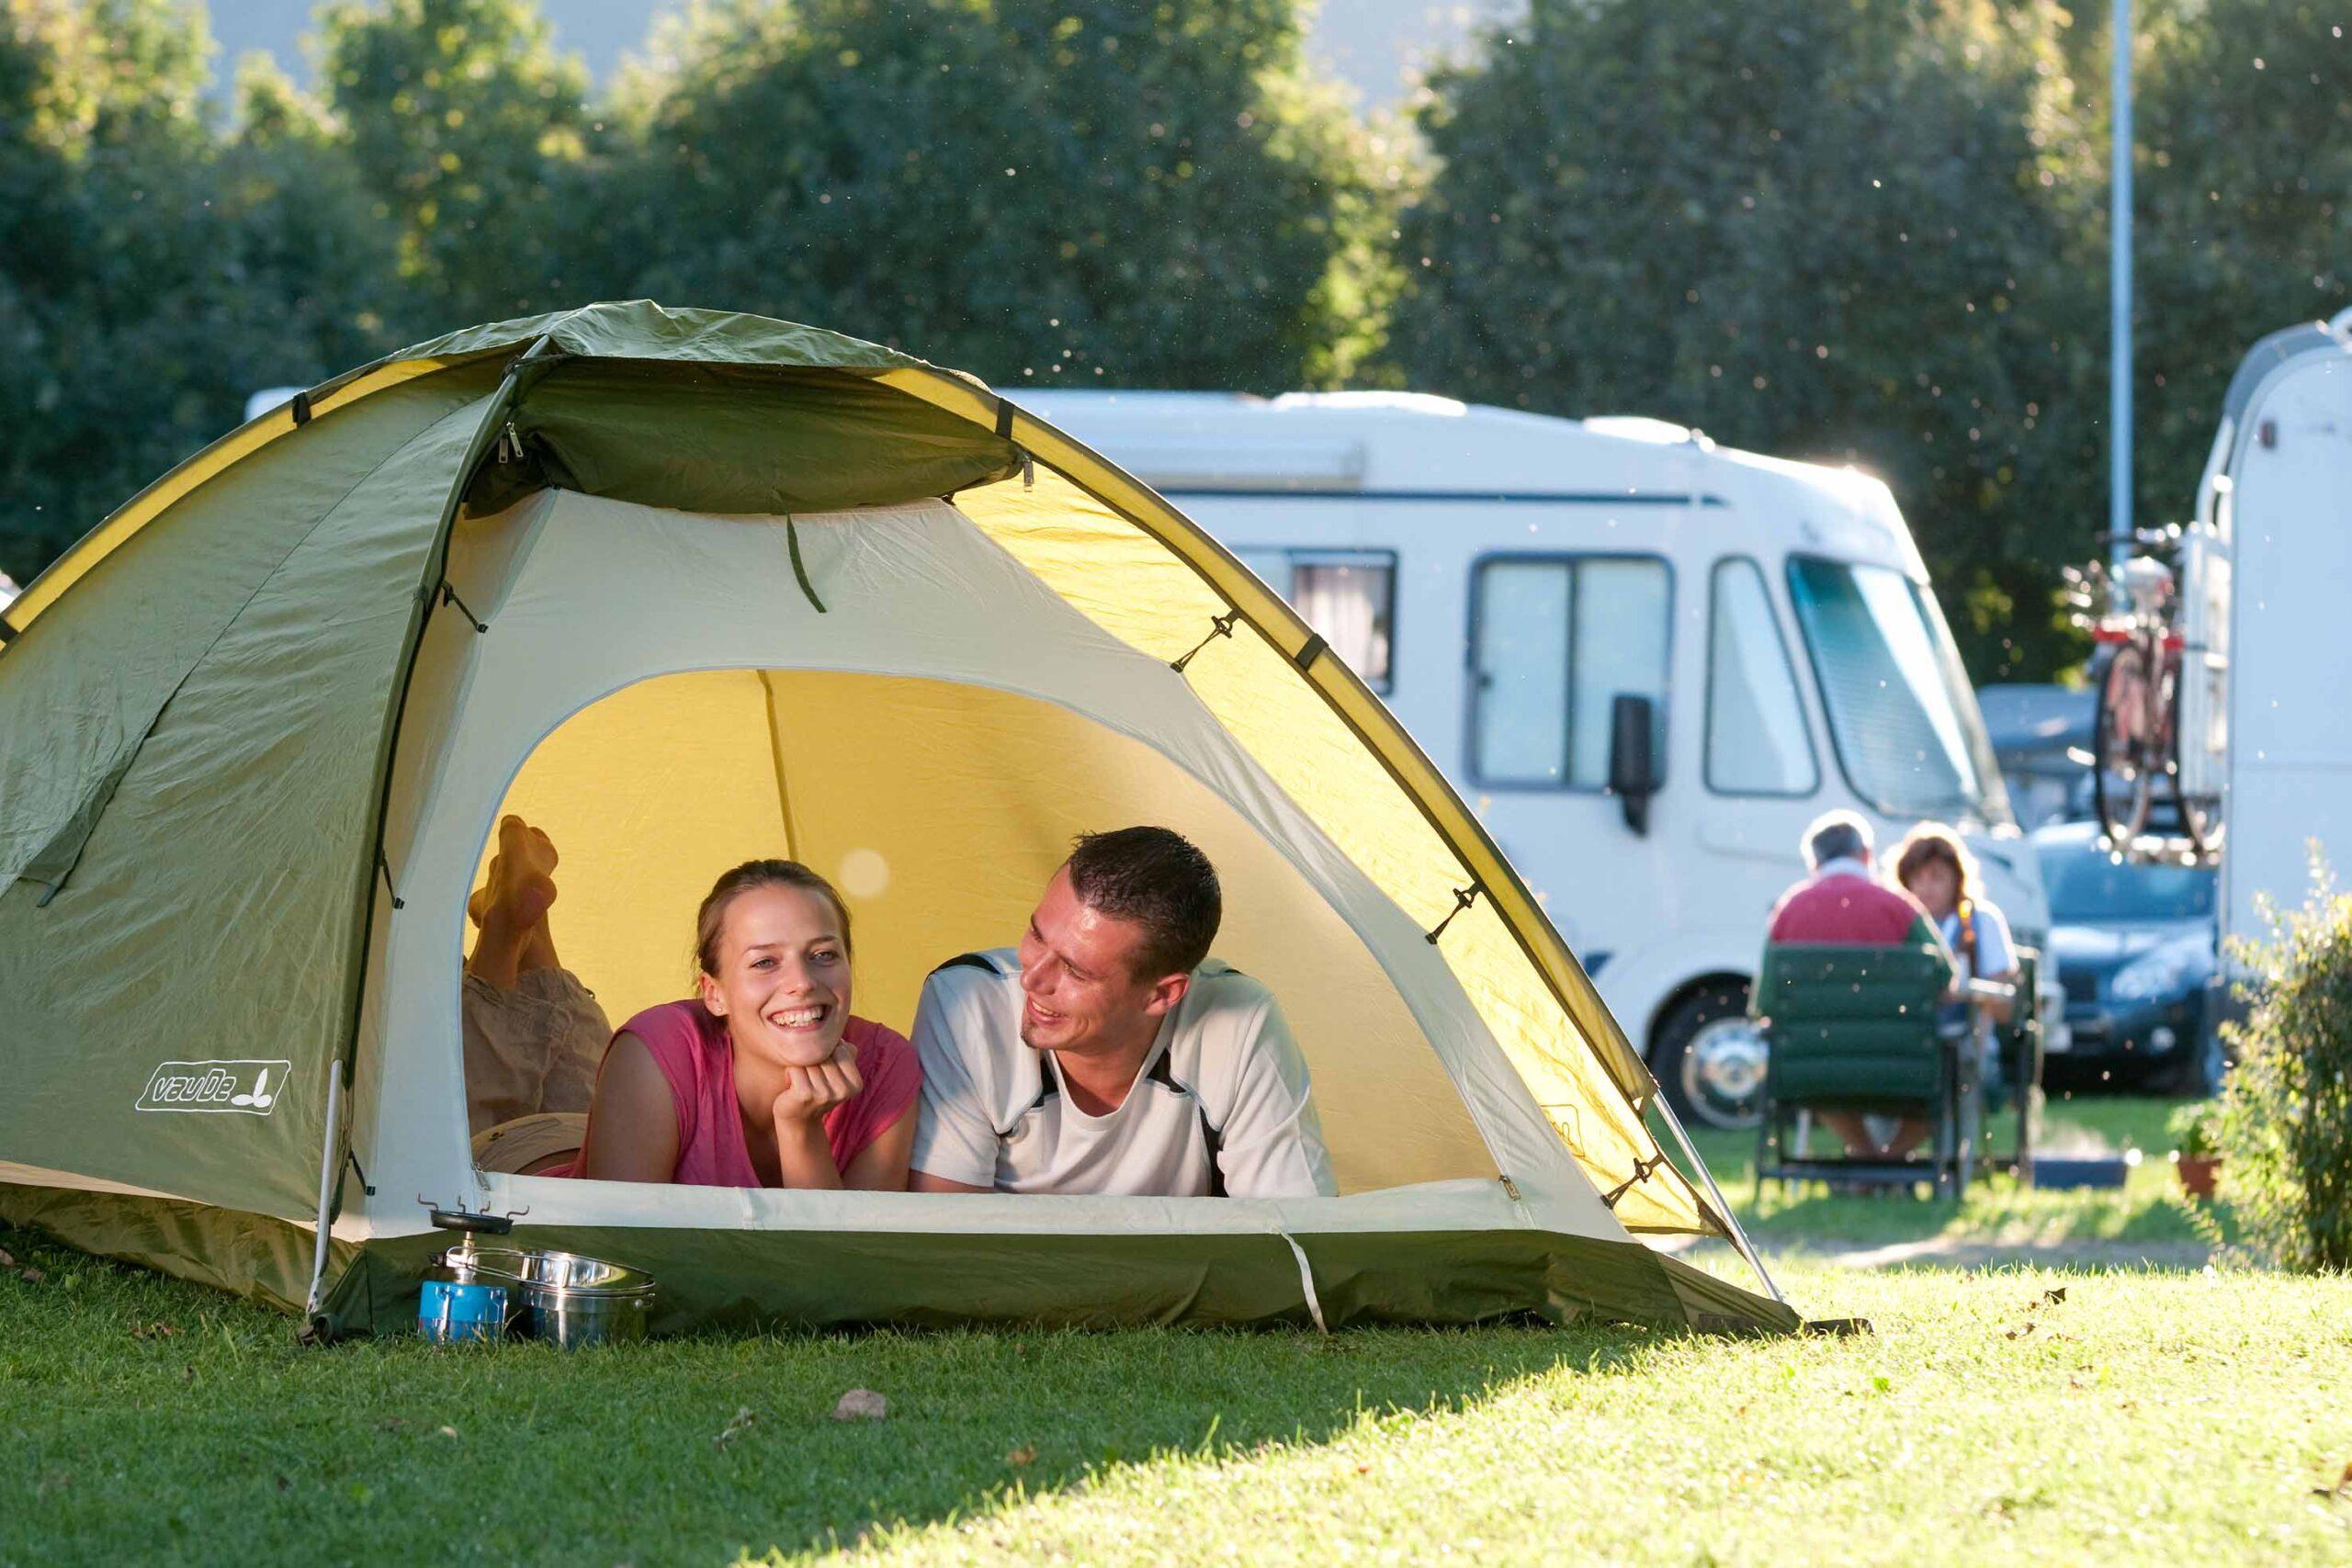 Gadget utili e divertenti per il campeggio